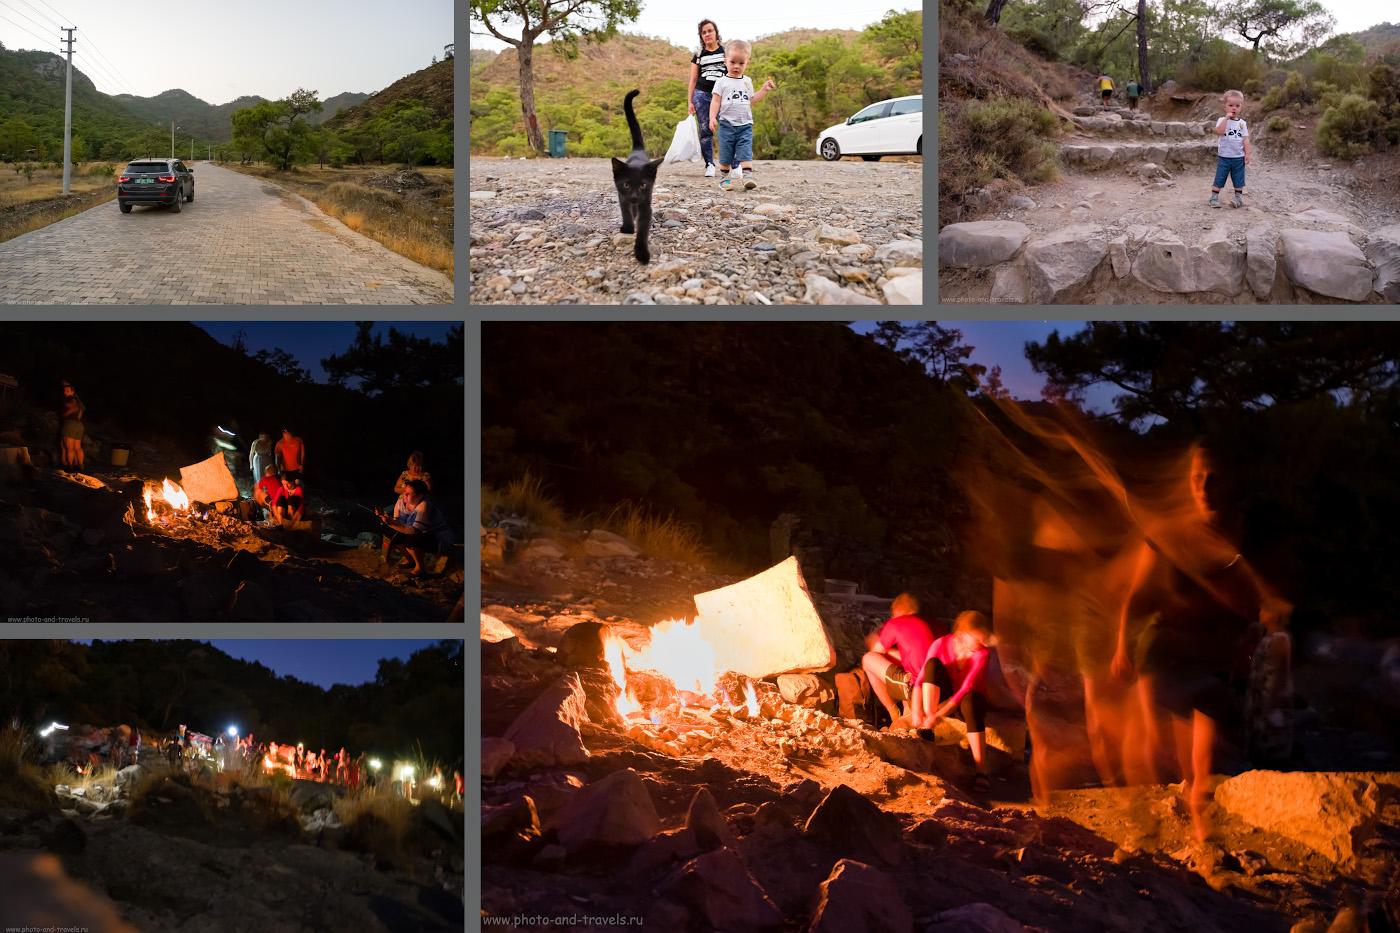 Фото 8. Пламя Химеры на горе в Чиралы. По-английски это место называется «Mount Chimaera», по-турецки Янарташ (Yanartaş). Отзывы туристов о самостоятельной экскурсии.